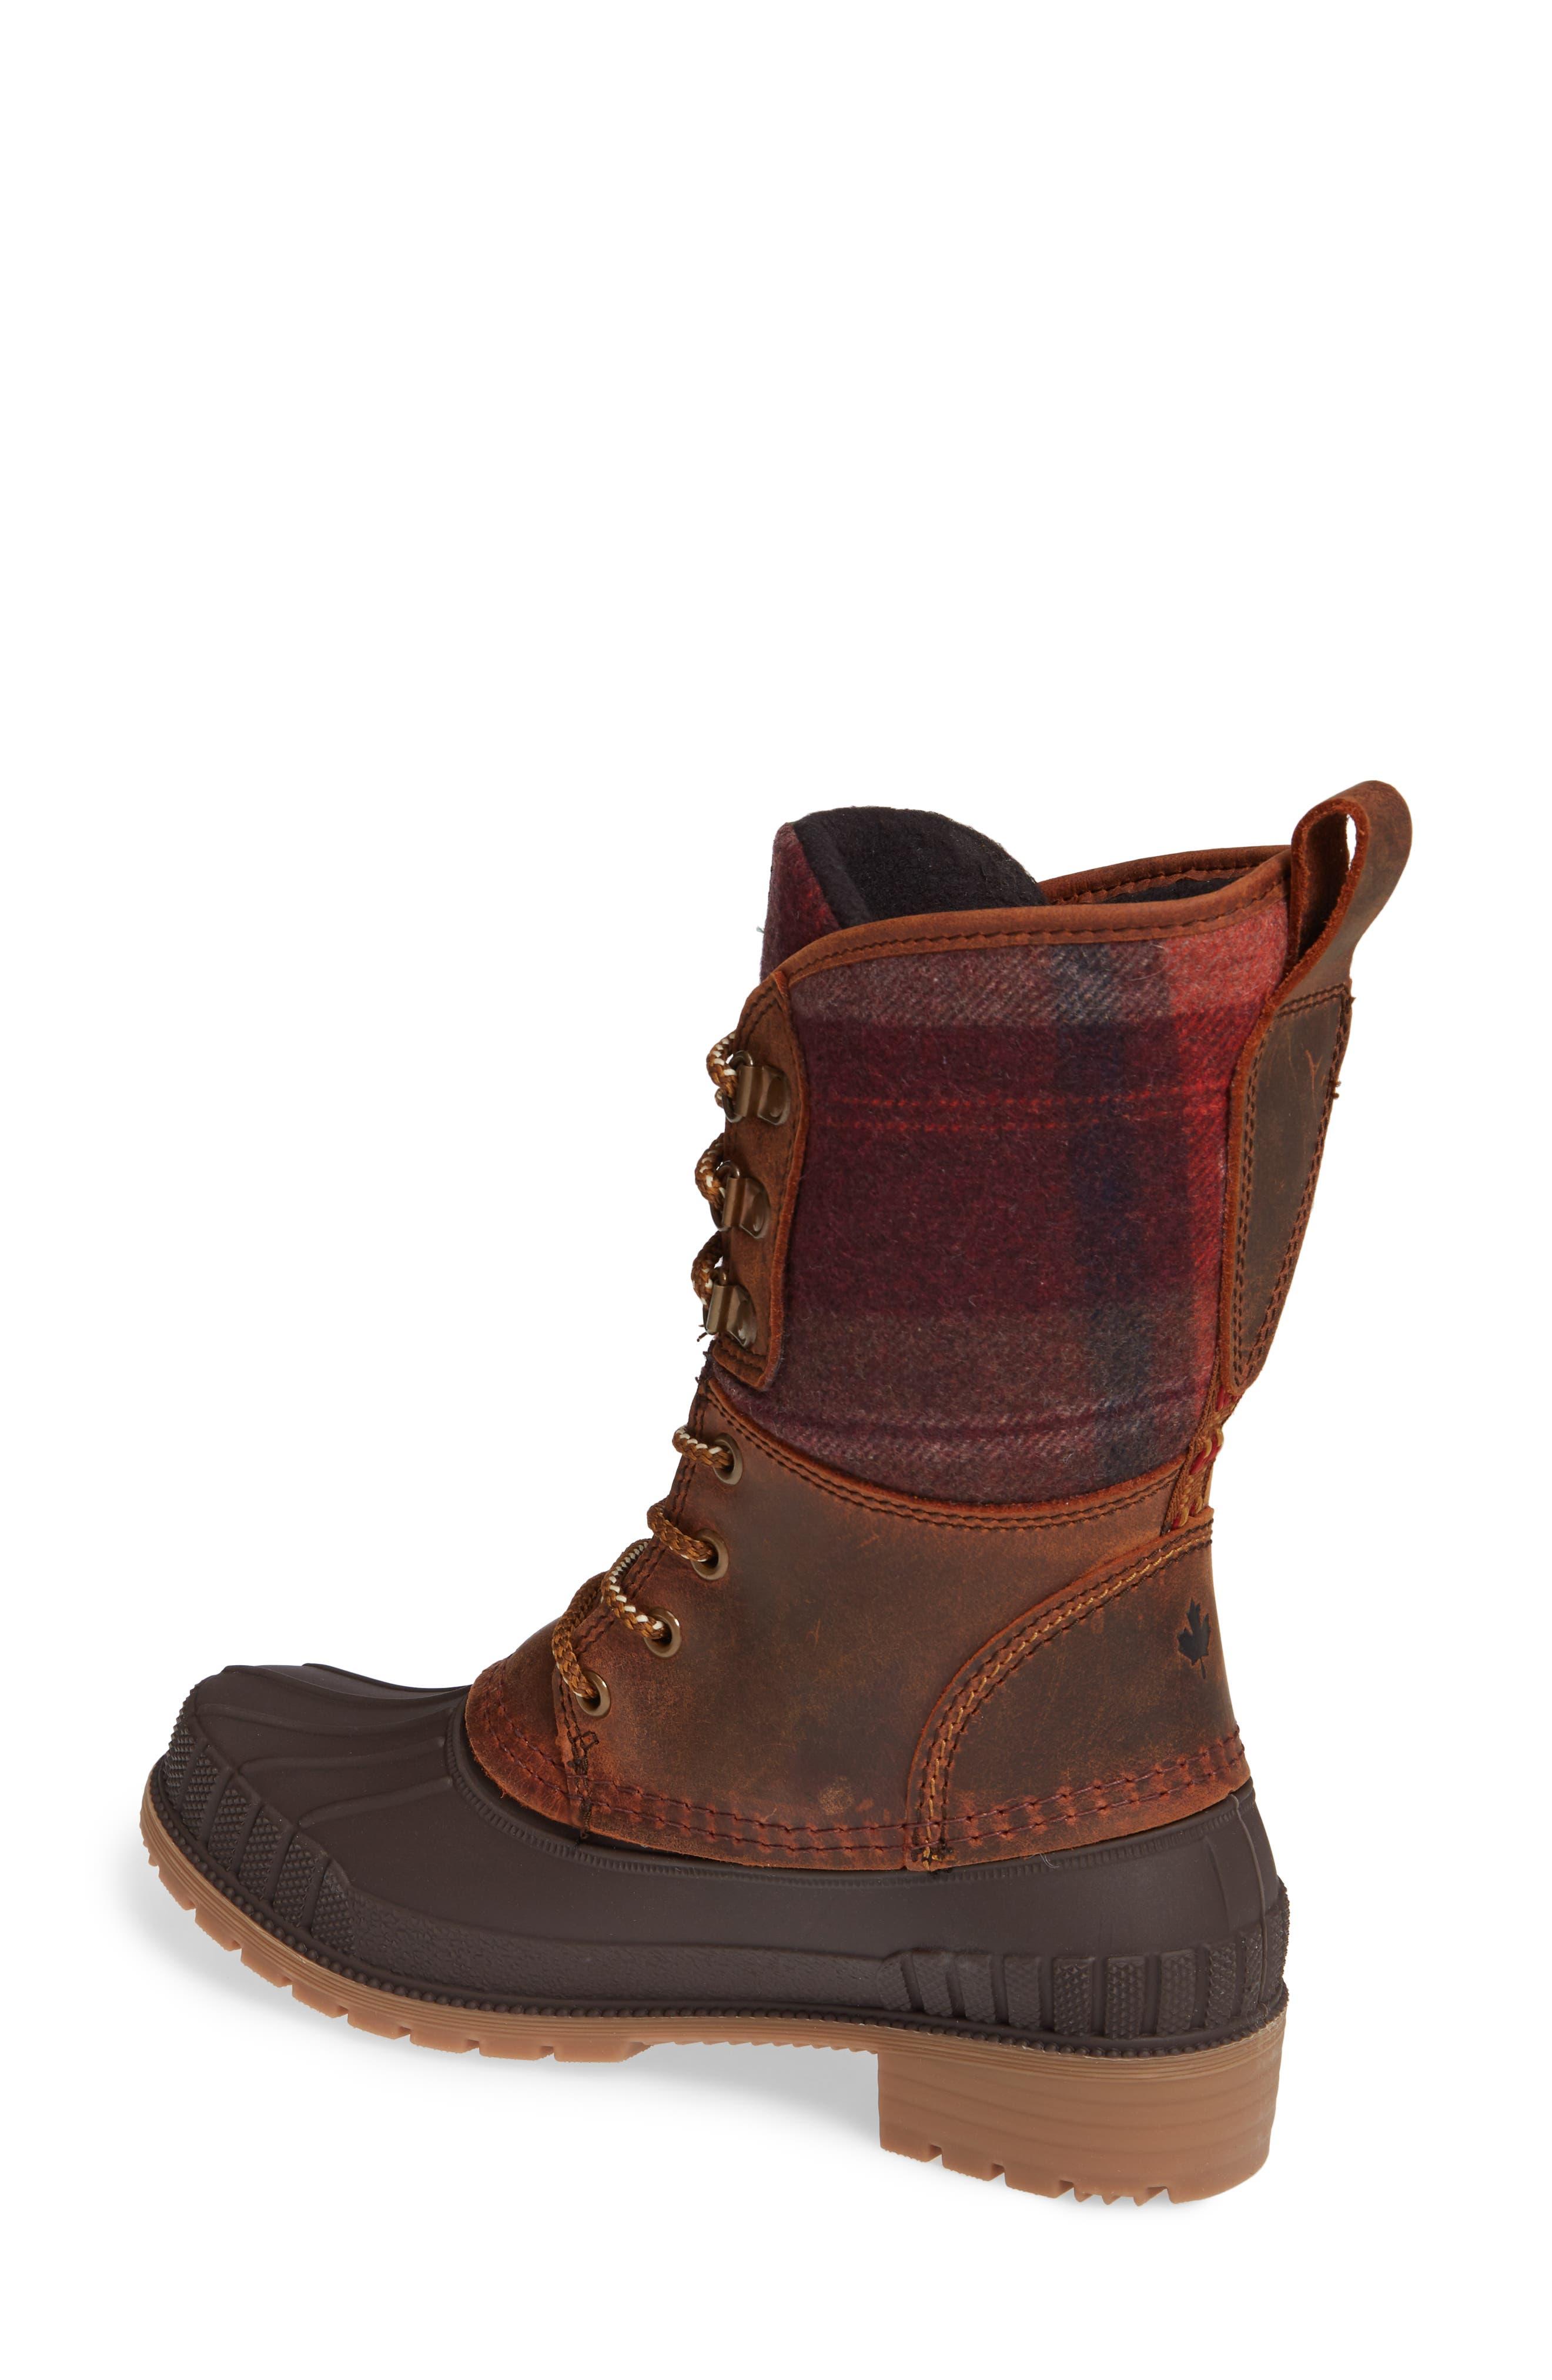 Sienna 2 Duck Waterproof Boot,                             Alternate thumbnail 2, color,                             DARK BROWN LEATHER